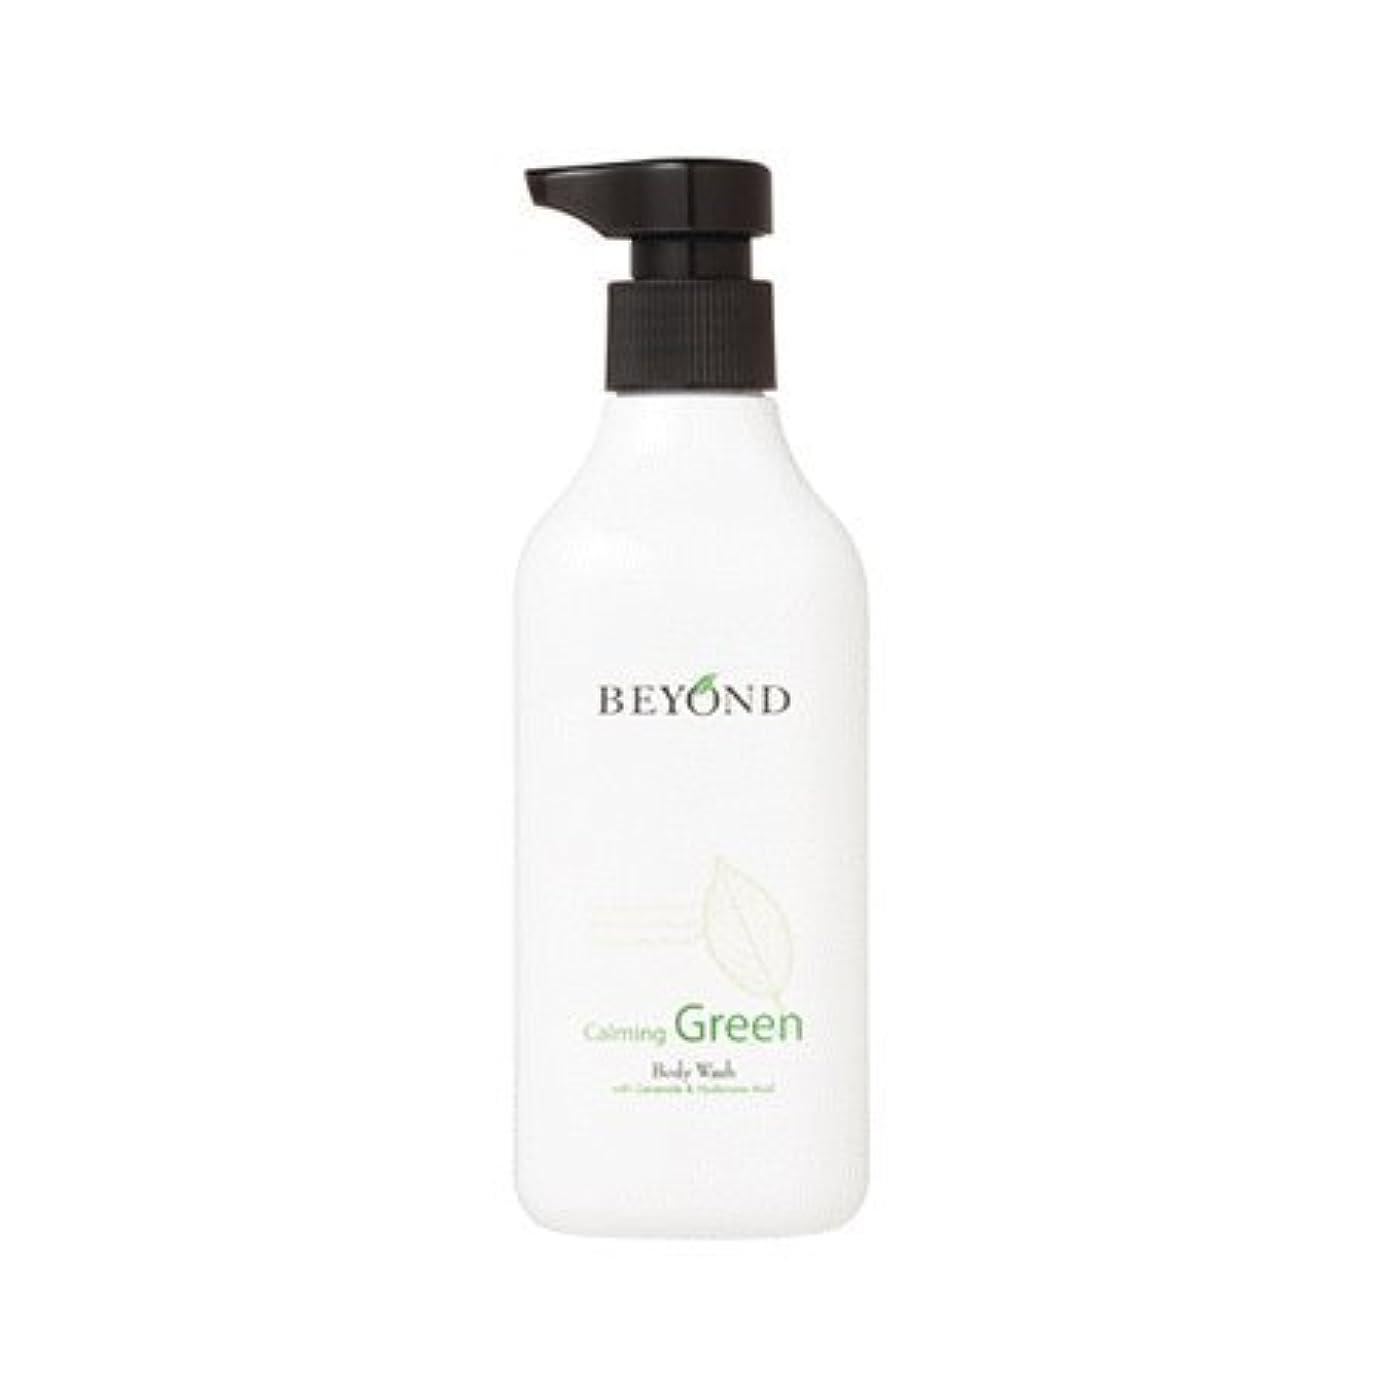 絵アナリスト光沢Beyond calming green body wash 300ml